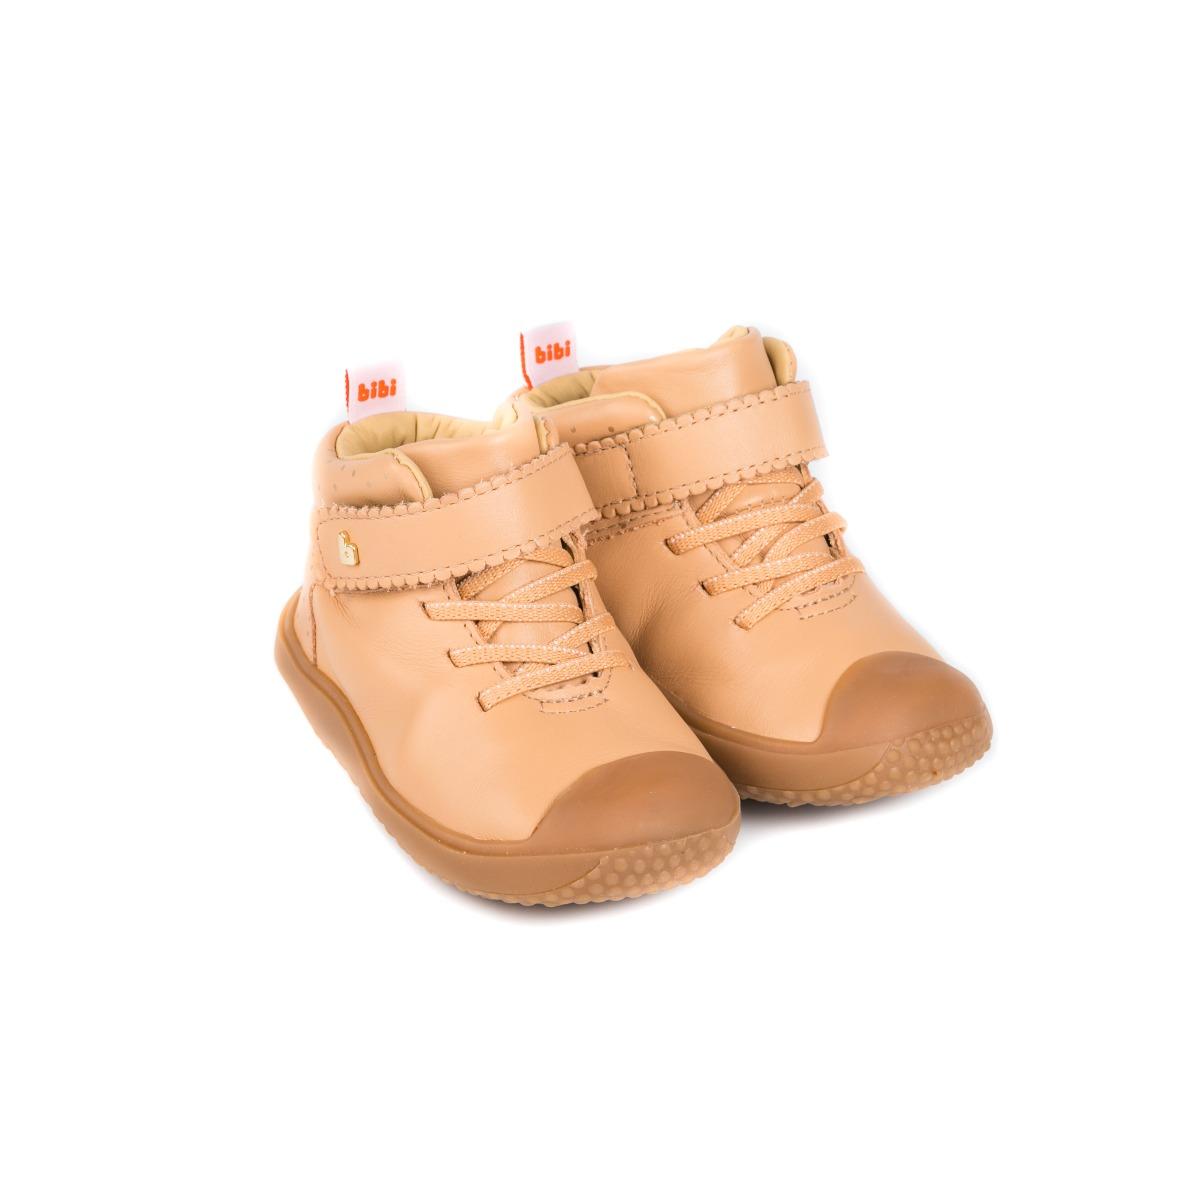 Ghete din piele Bibi Shoes Prewalker Beige imagine